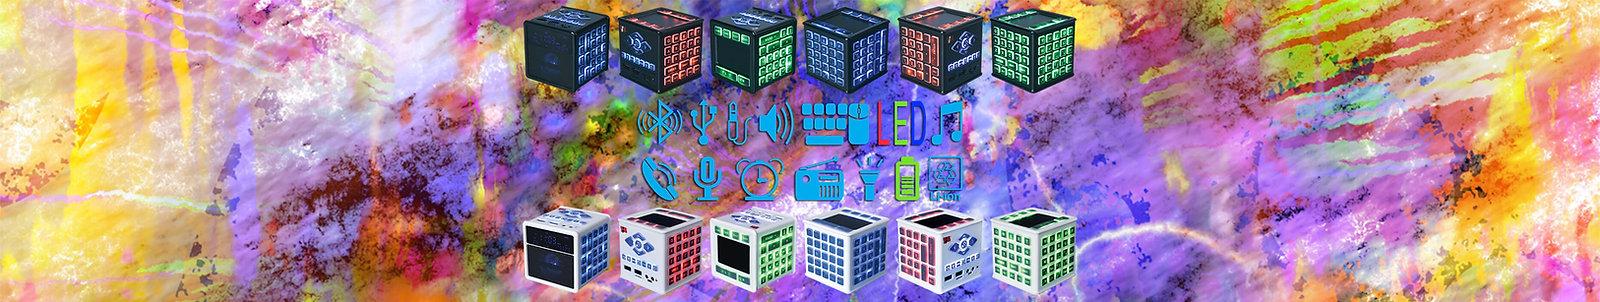 art-canvas-super-cuber.jpg